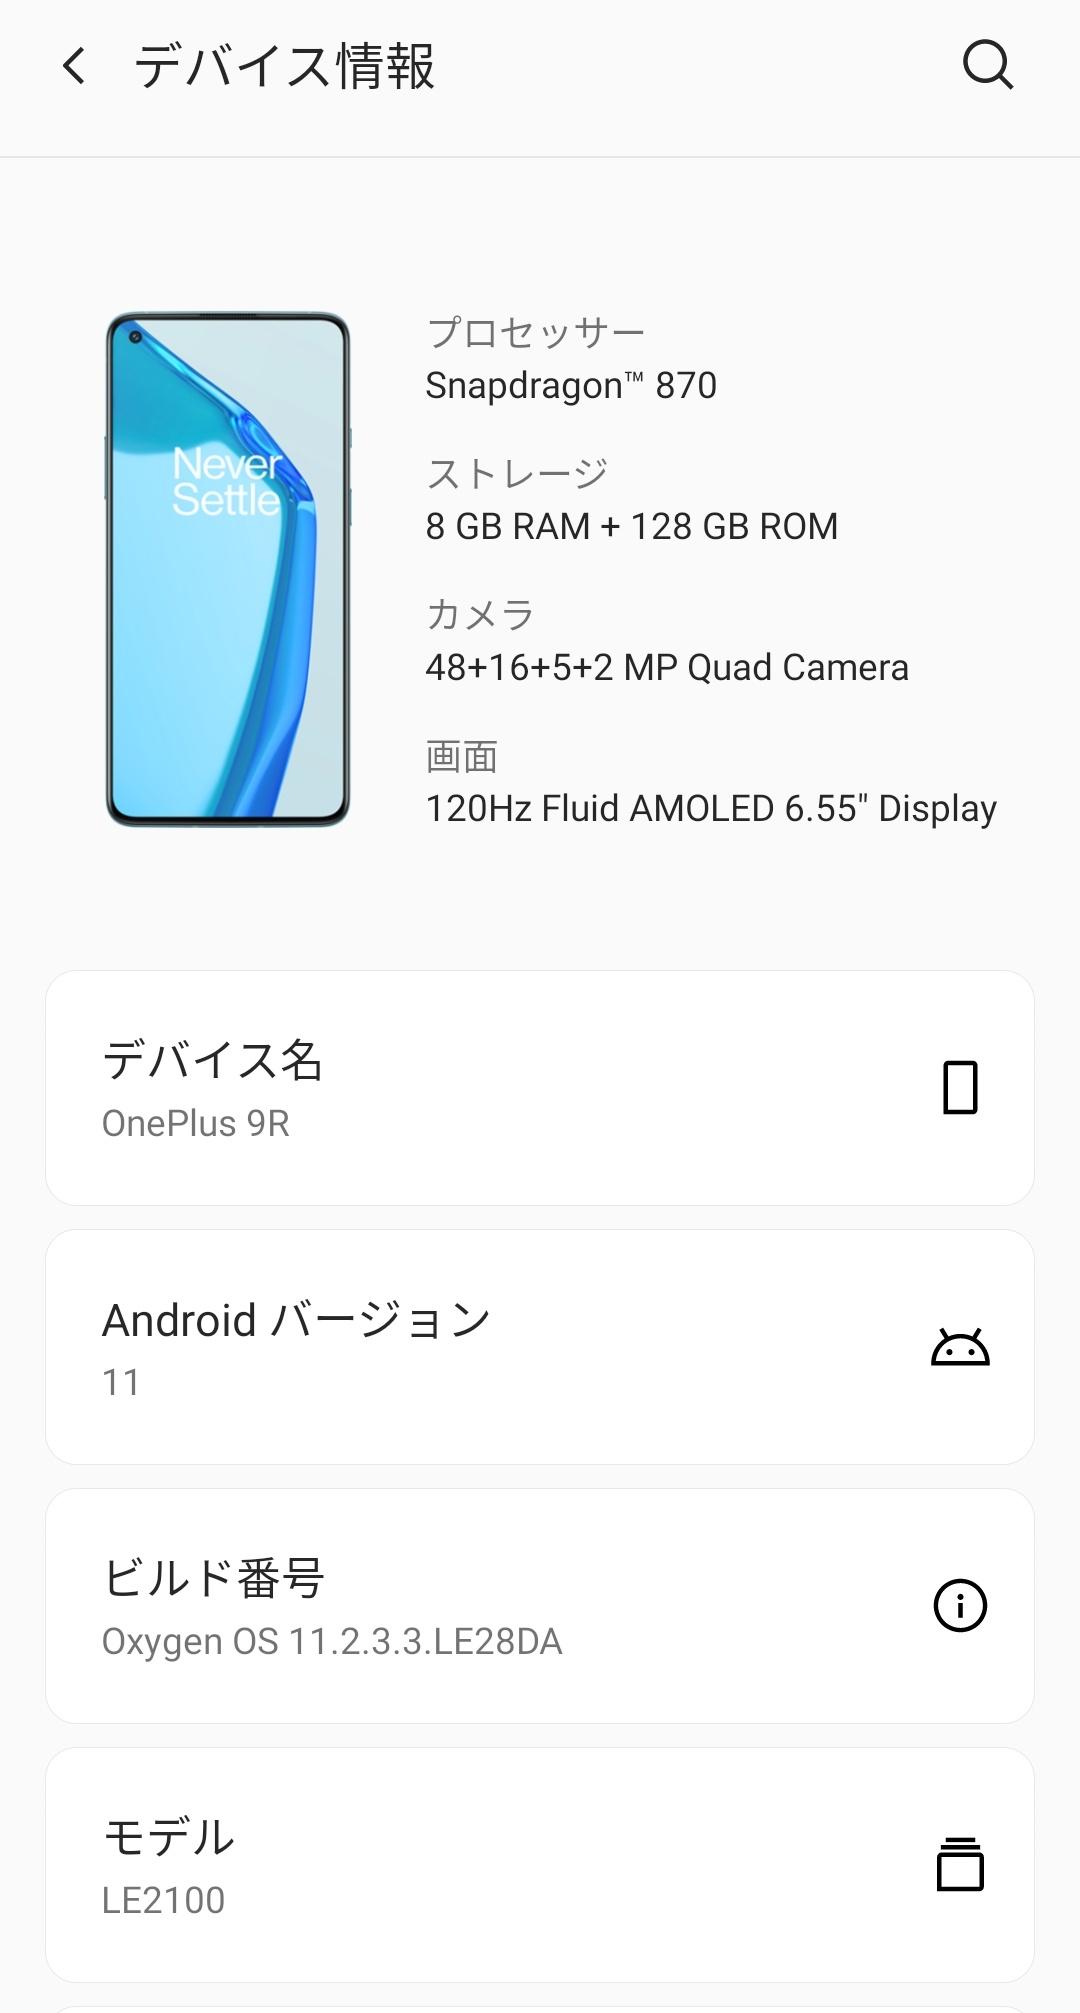 OnePlus 9Rのシステム情報